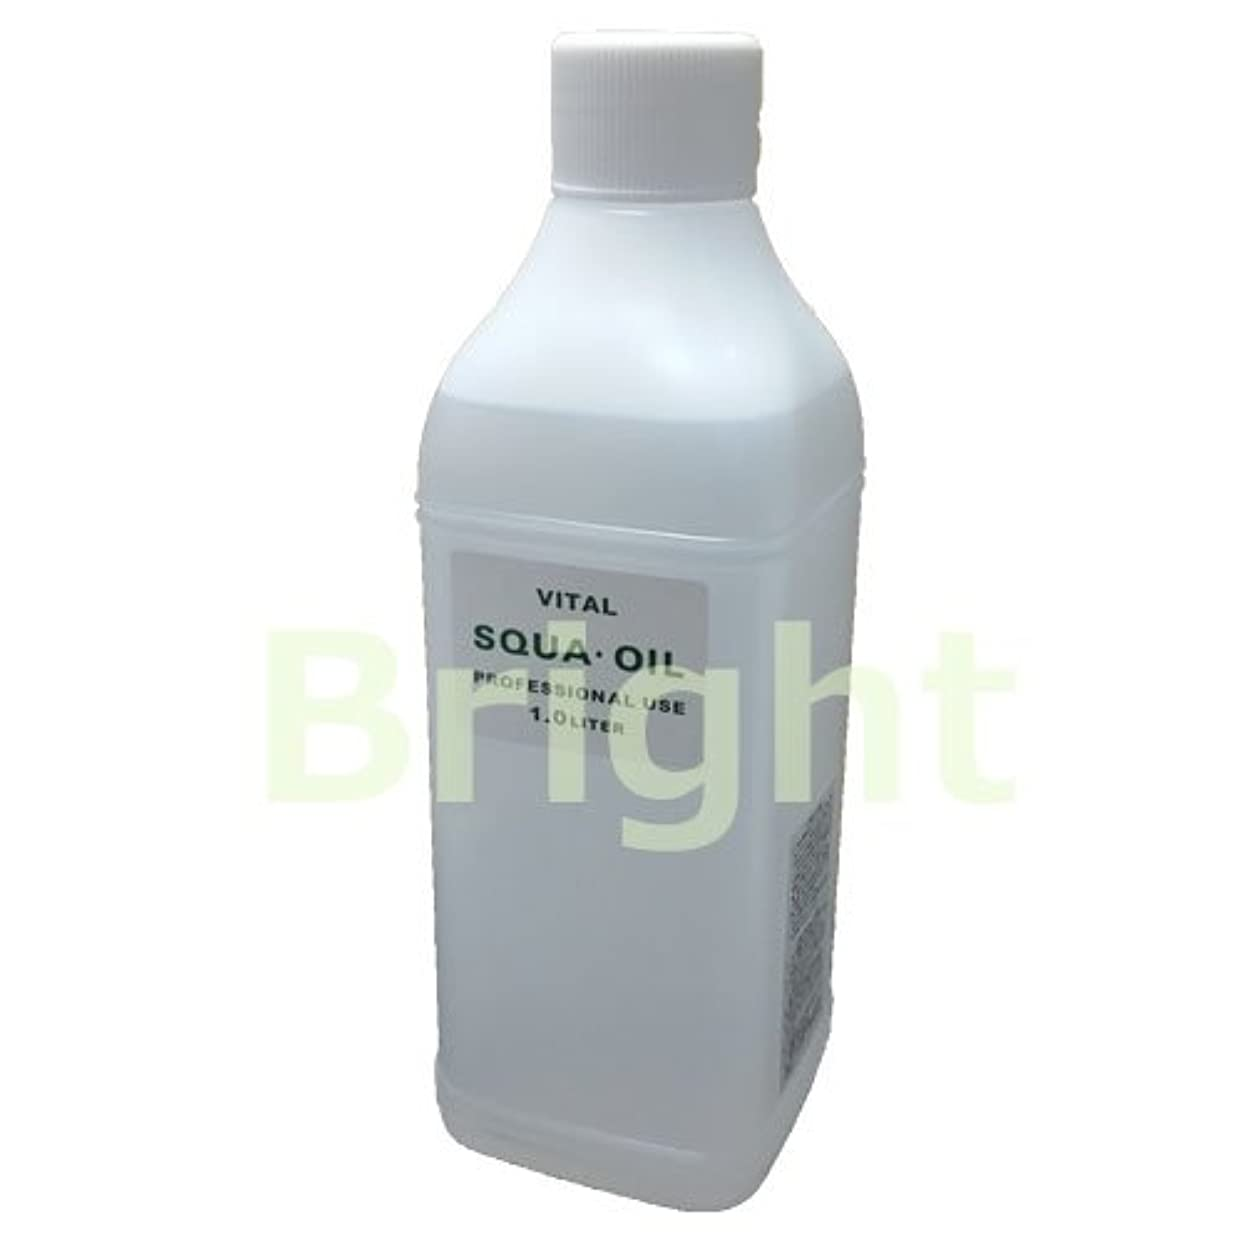 浪費提供するばかげているバイタルワークス スクアオイル 1000cc (マッサージ用化粧油) ジャパンバイタル